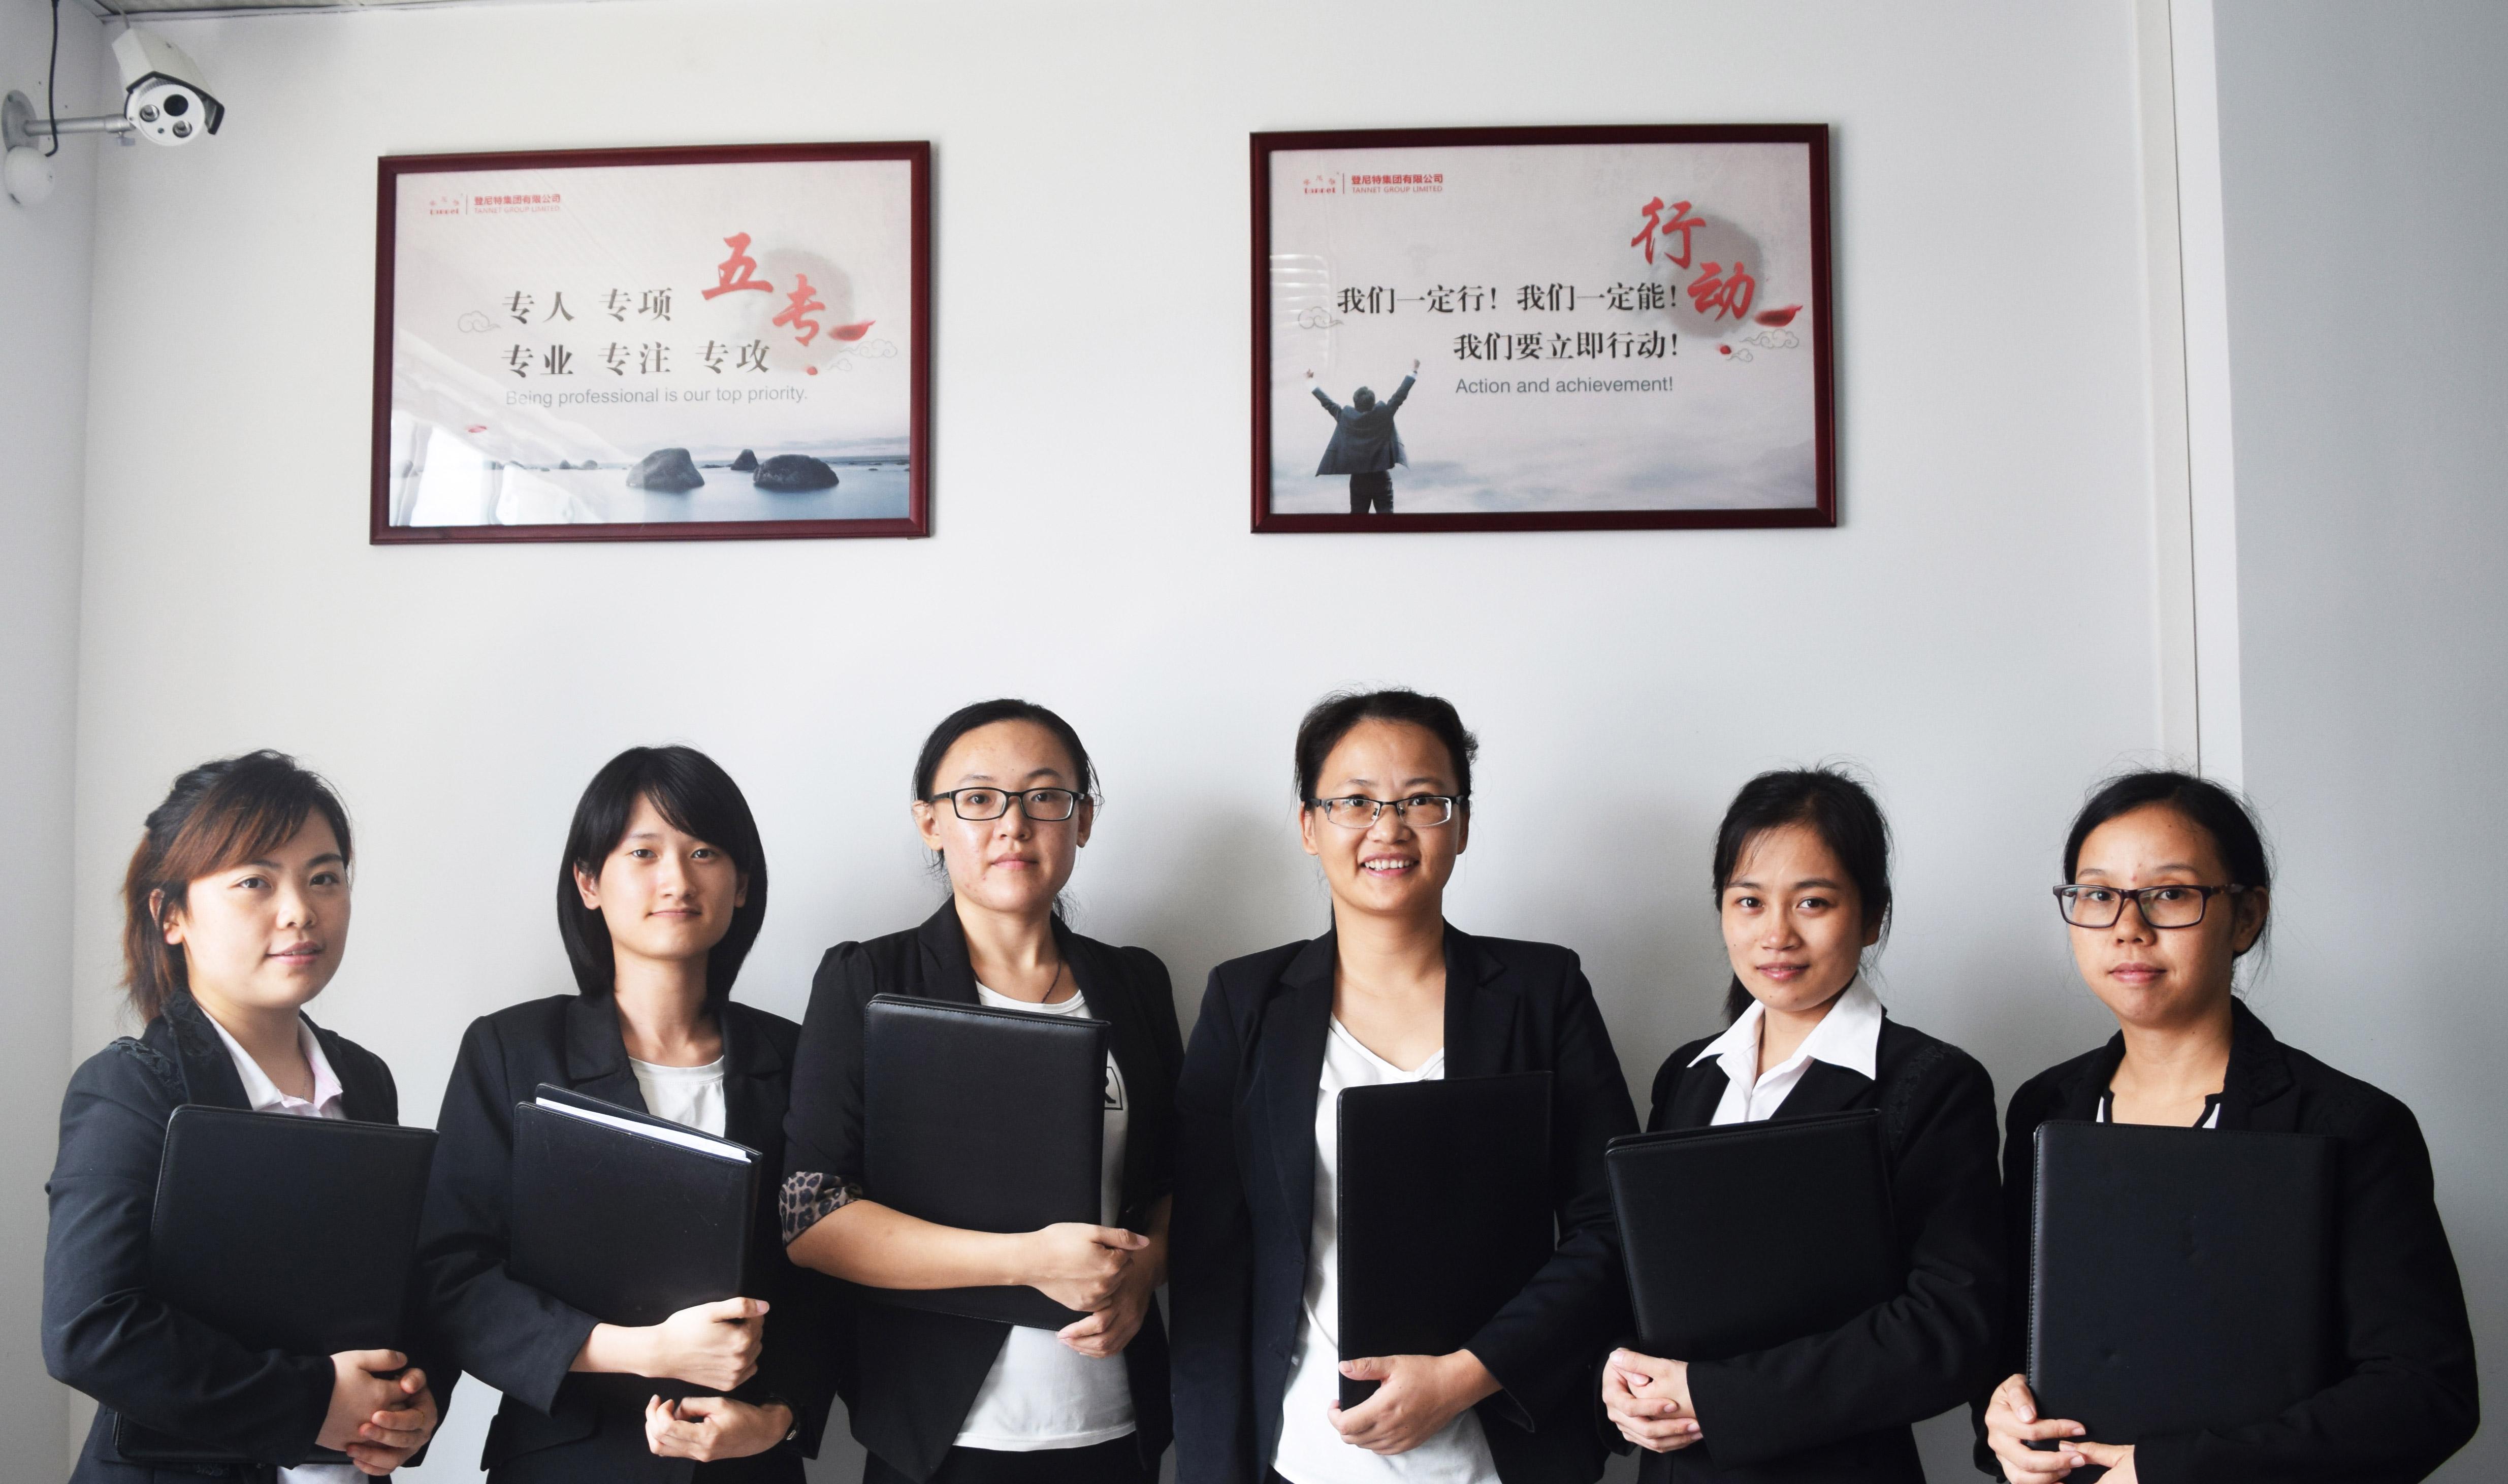 深圳登尼特部分团队风貌